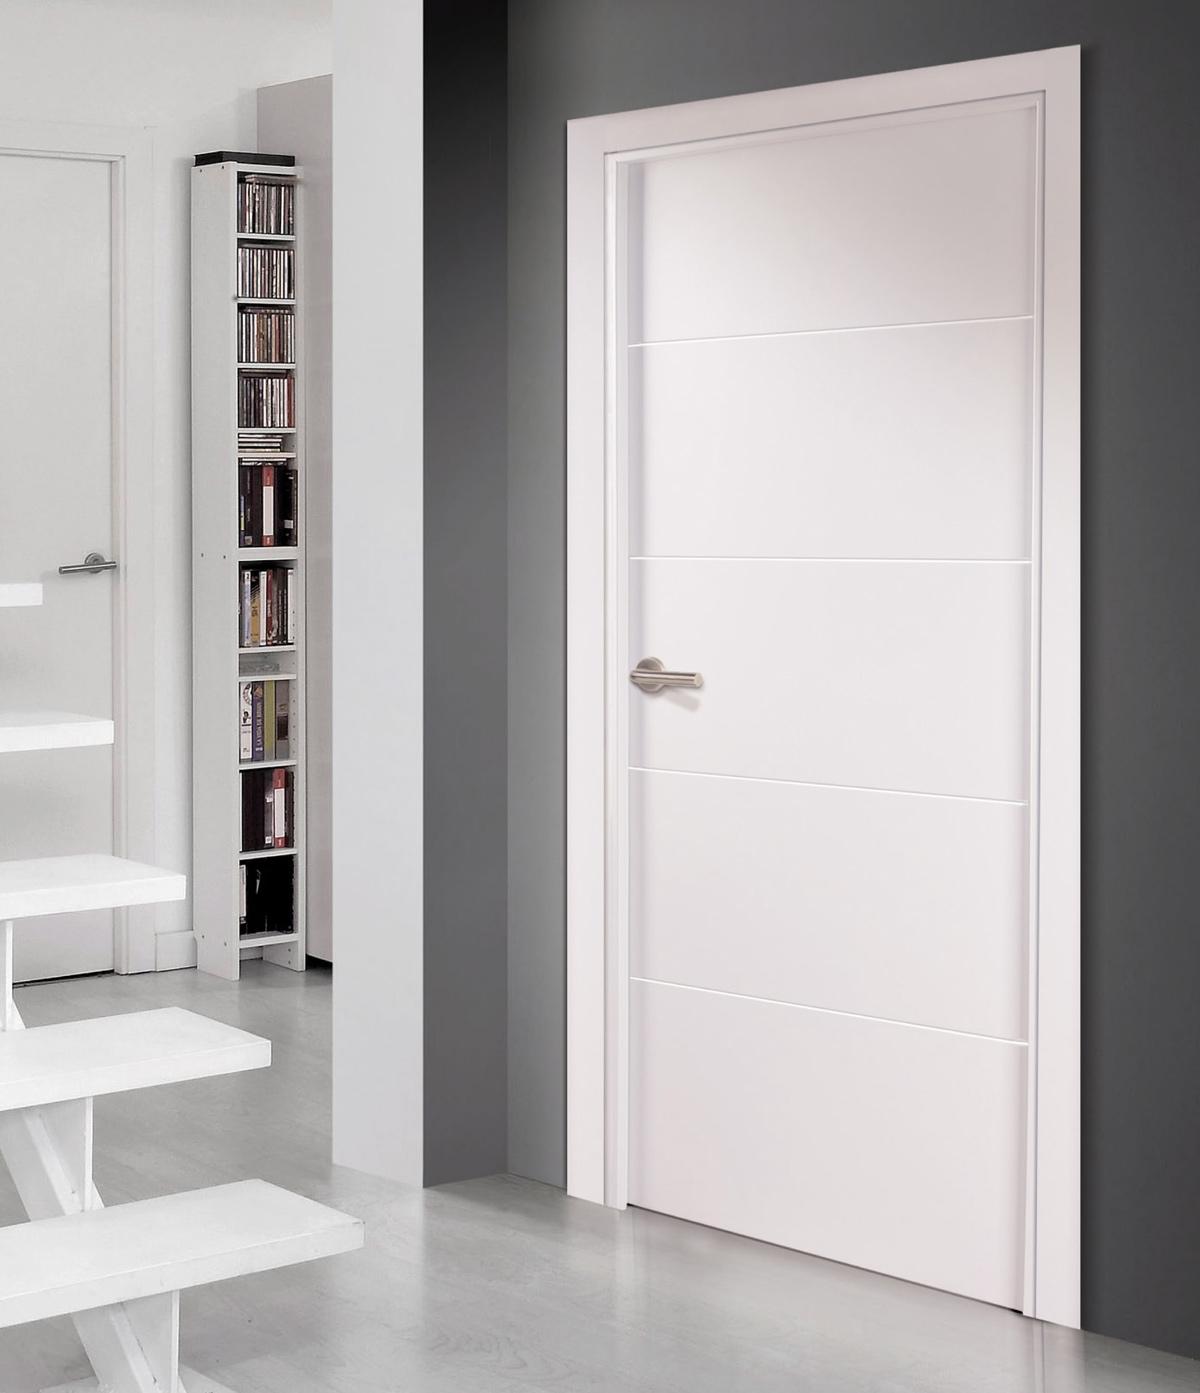 Combinar puertas blancas for Puertas dm lacadas en blanco